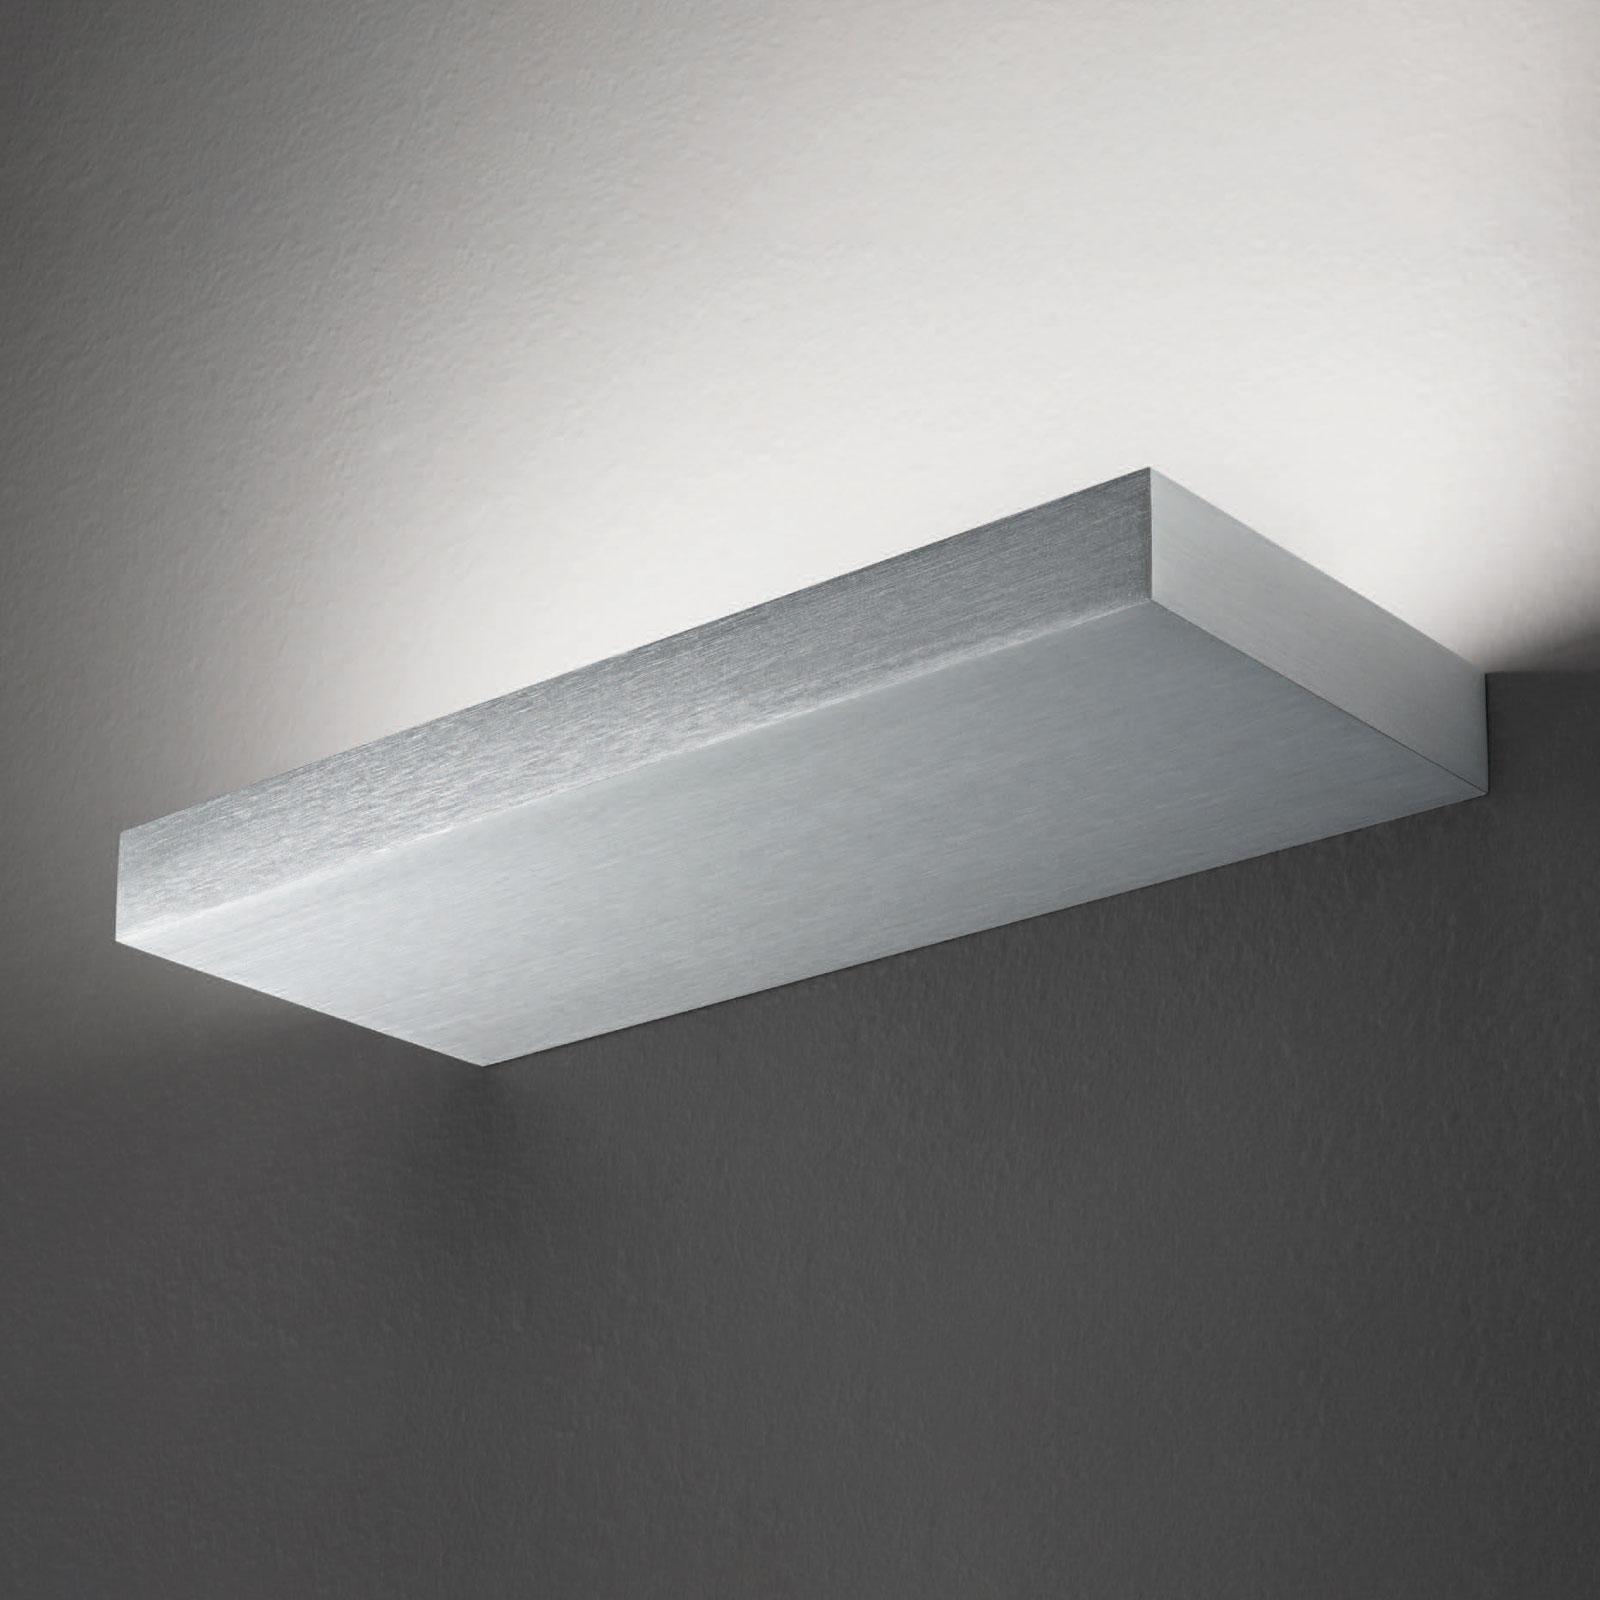 LED wandlamp Regolo, lengte 24 cm, aluminium